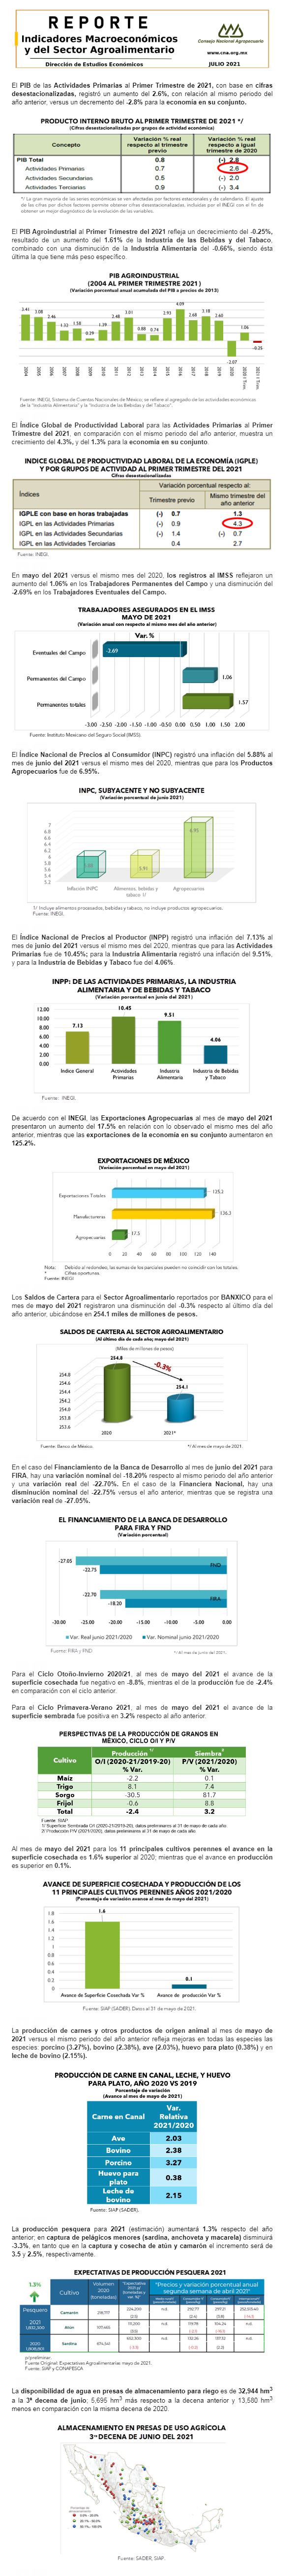 Reporte de Indicadores Macroeconómicos y Sectoriales del Sector julio 2021